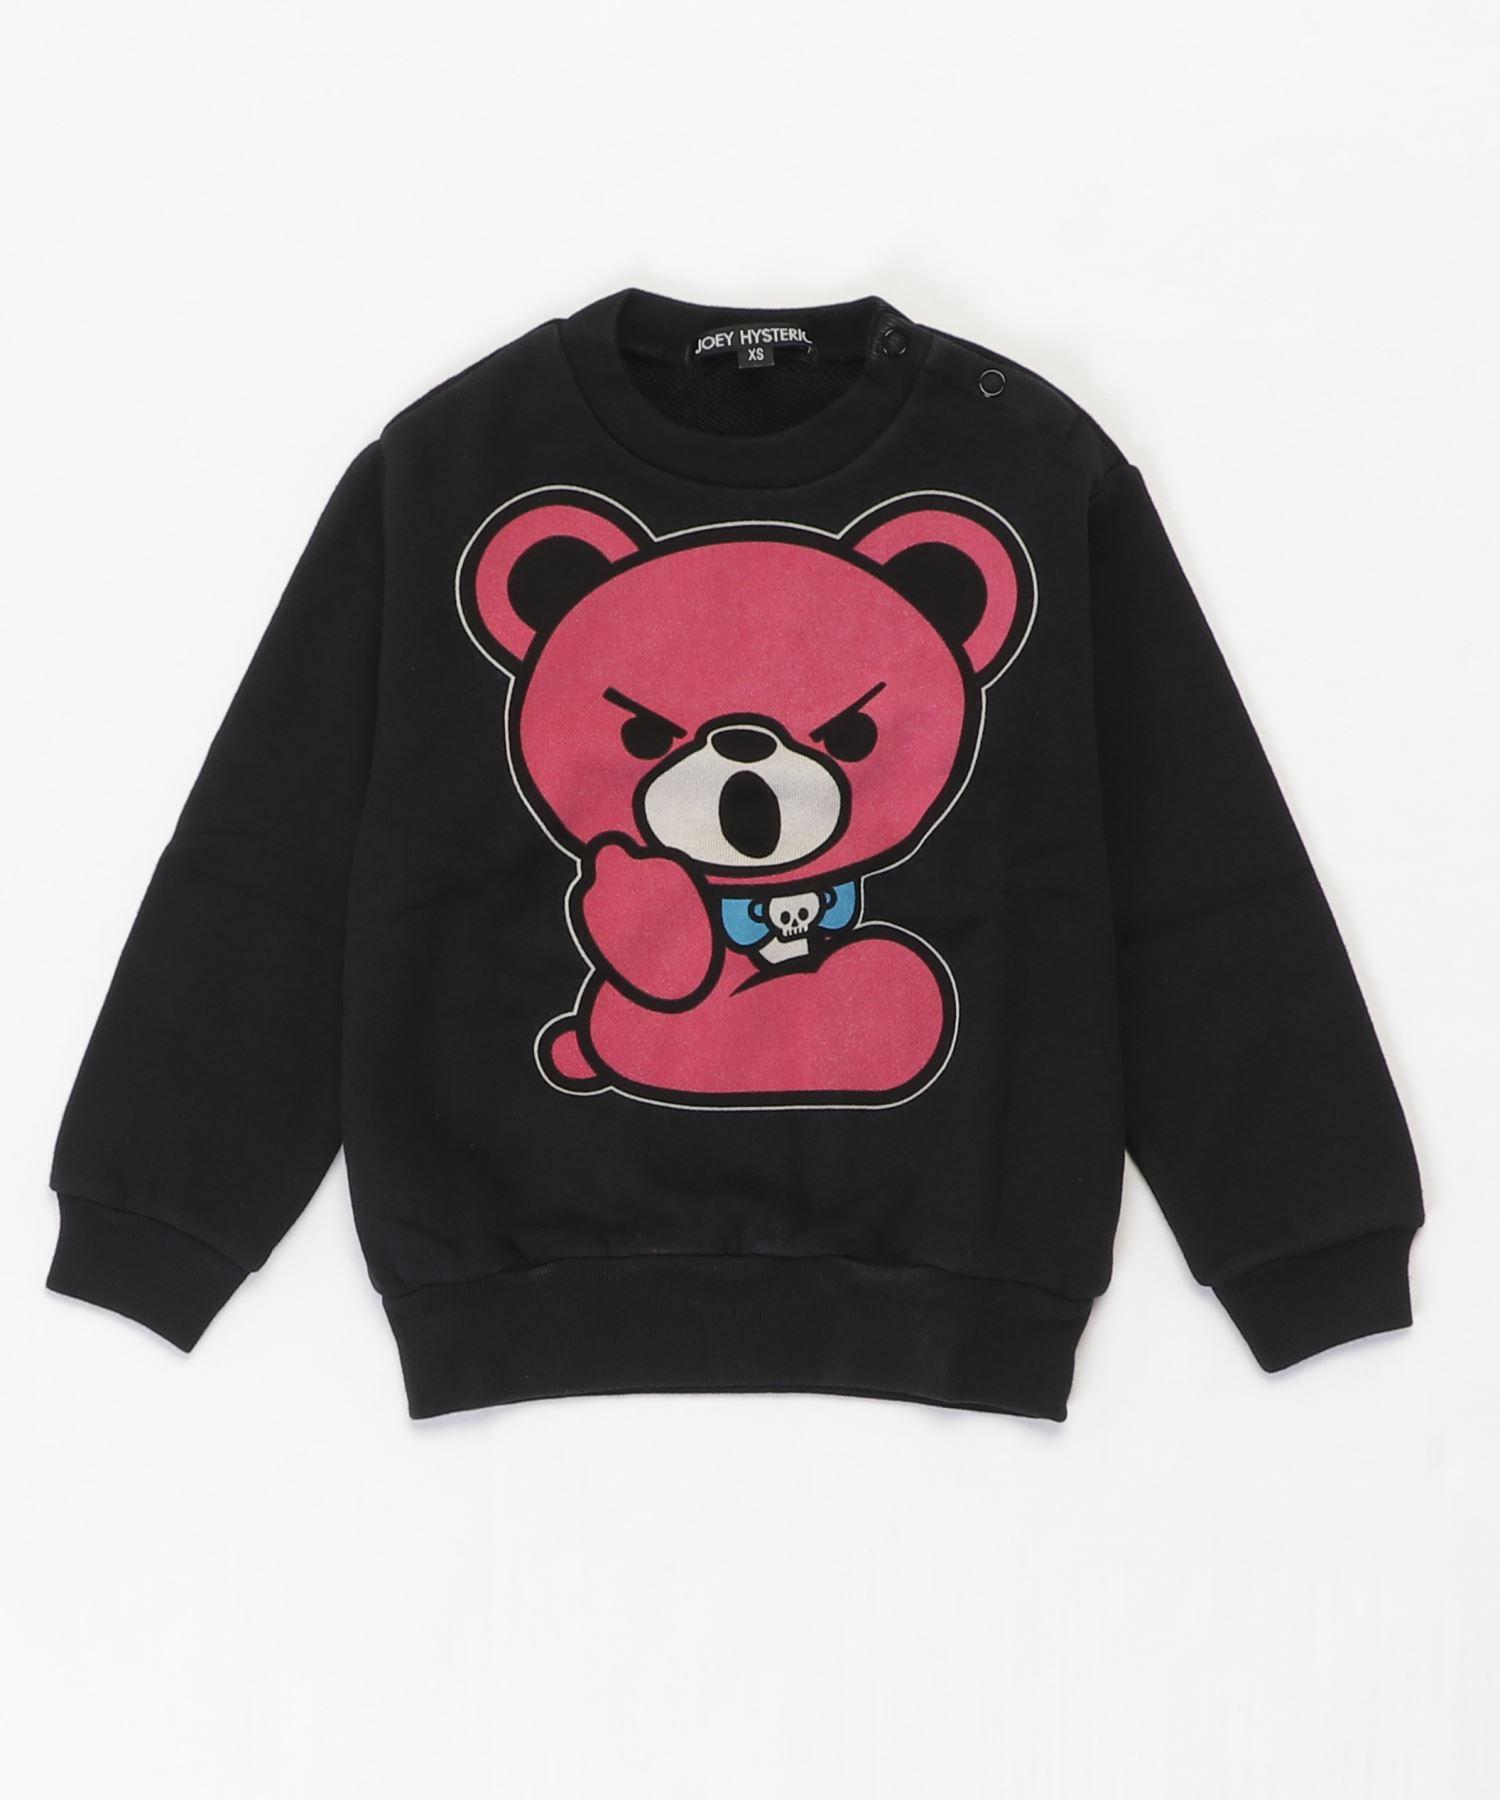 HELLO BEAR pt スウェット【XS/S/M】